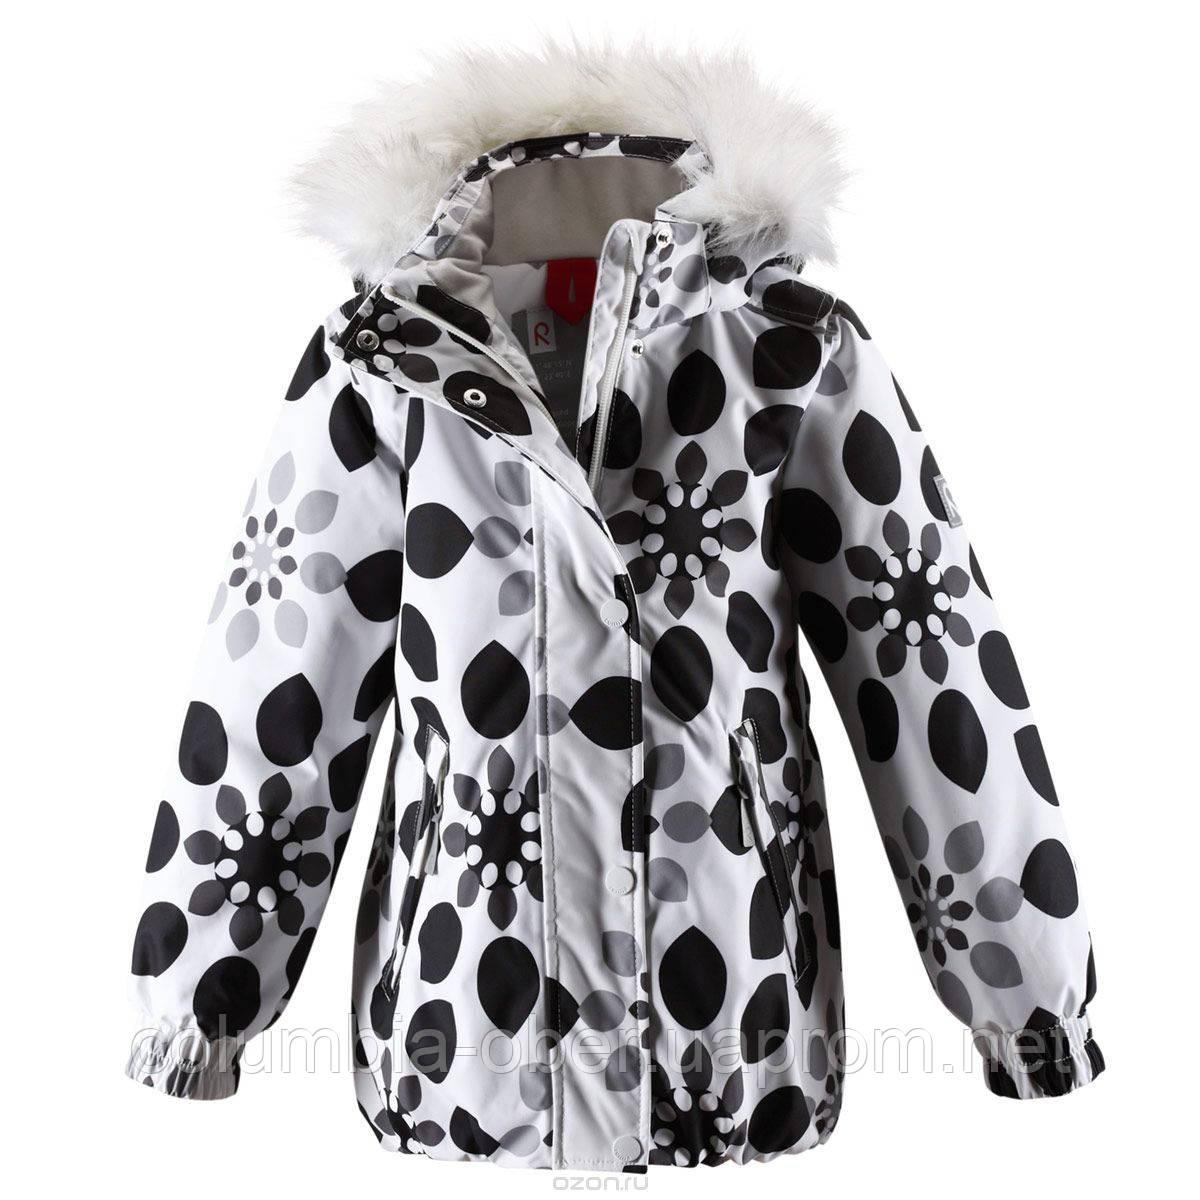 Зимняя куртка для девочек ReimaTec Zaniah 521361 - 0101.